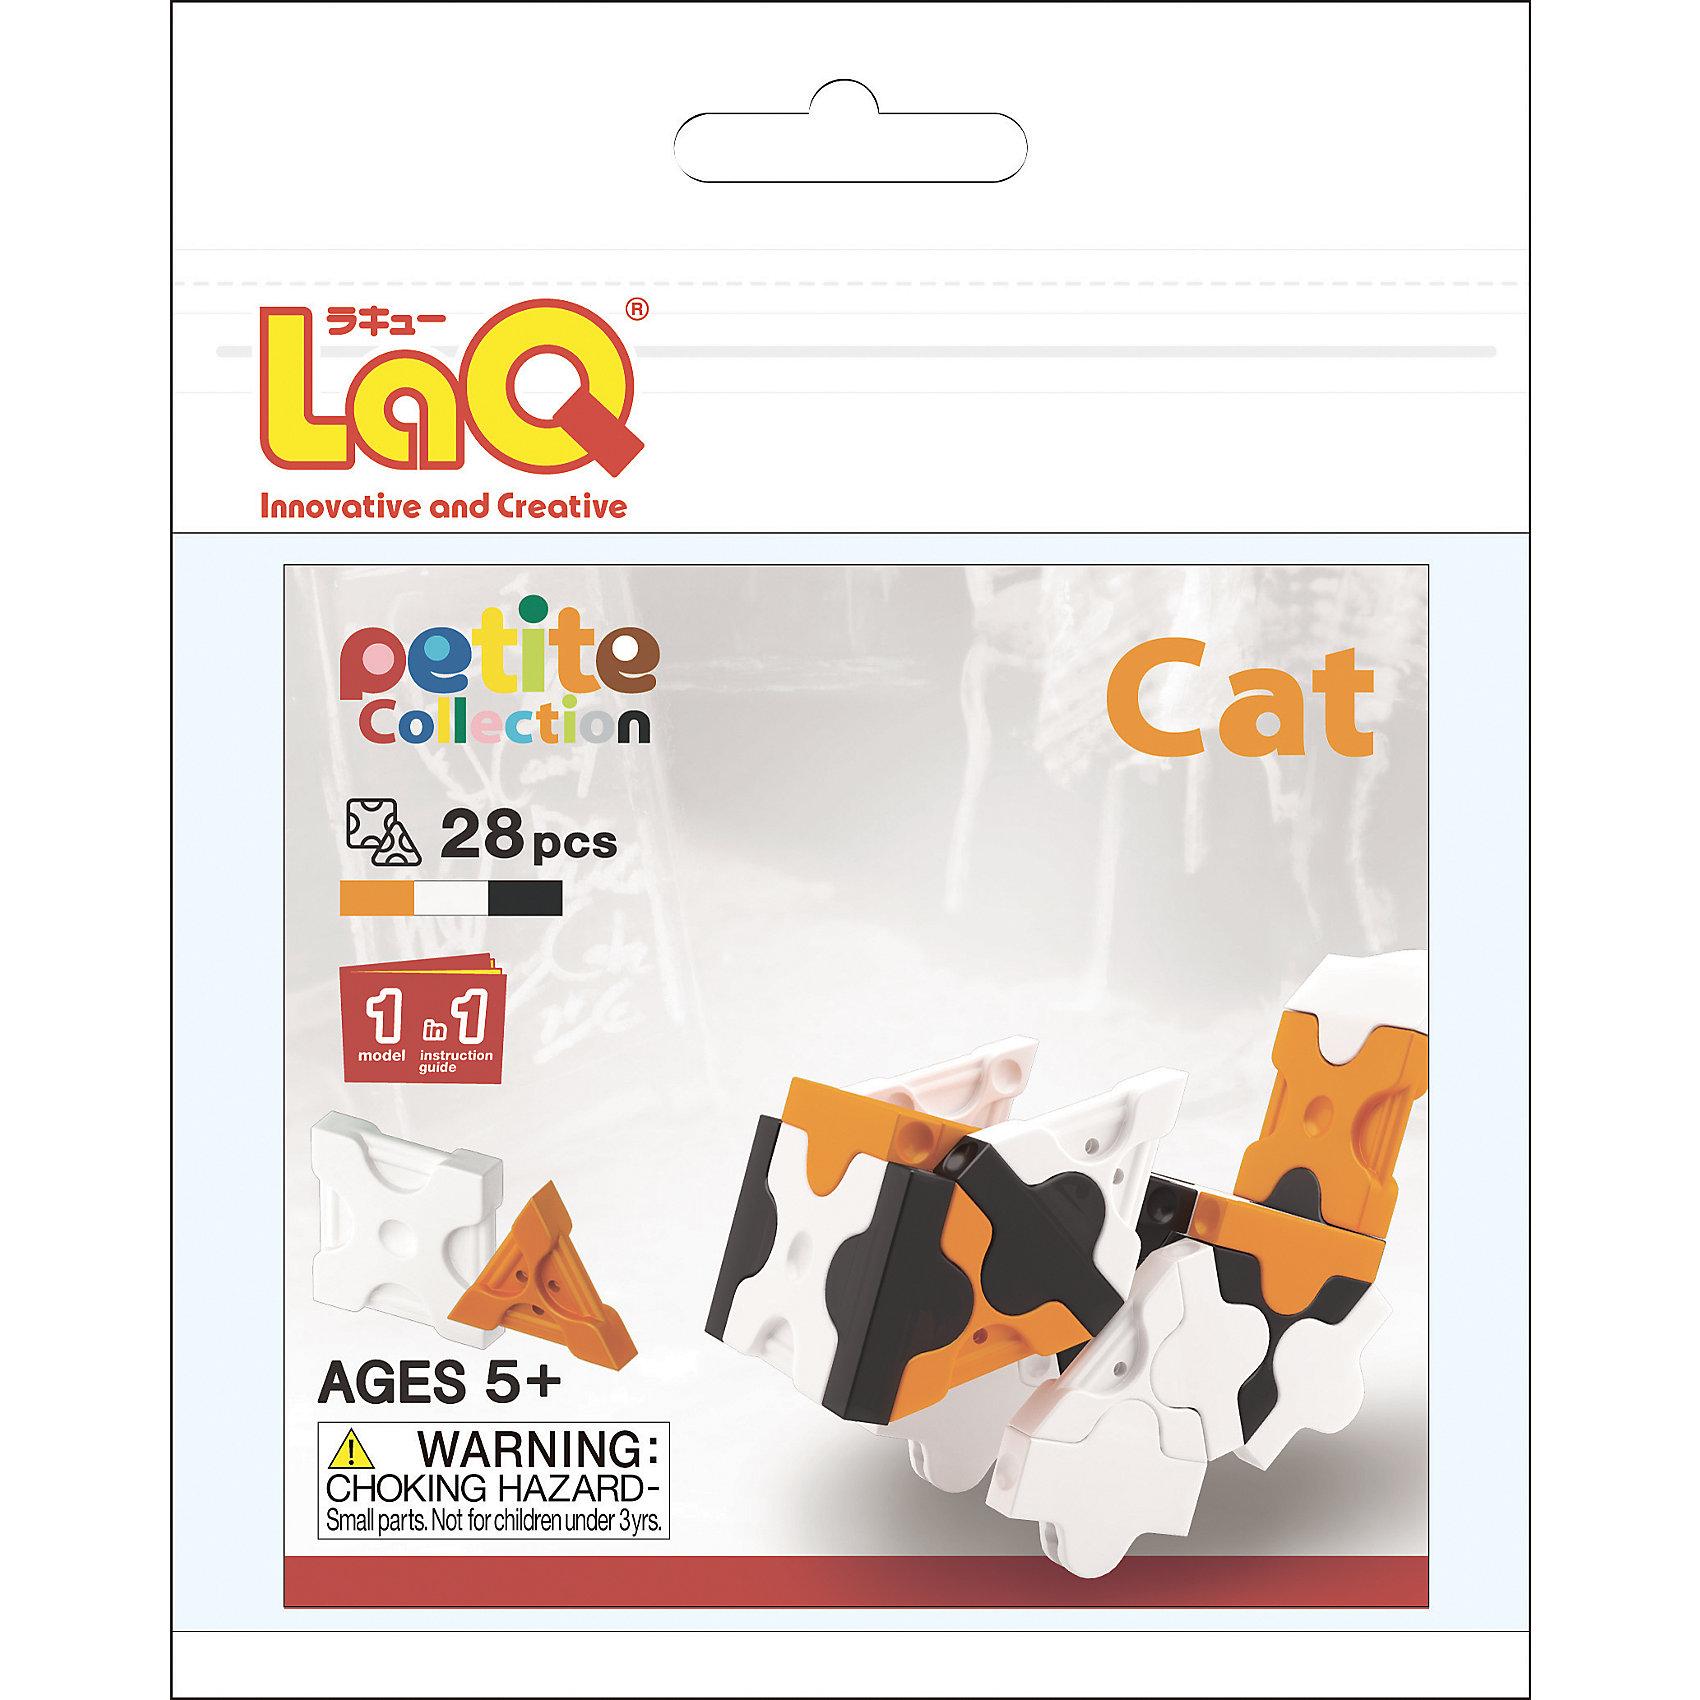 Конструктор Cat, 28 деталей, LaQКонструктор Cat состоит из 28 оригинальных деталей, из которых ребенок с легкостью сможет собрать необычного кота. В наборе имеются яркие детали с формой треугольника и квадрата, с пятью удобными боковыми креплениями, которые можно соединять как прямо, так и с наклоном. Игра с конструктором развивает воображение, мелкую моторику и усидчивость. Соединять детали невероятно просто, что позволит ребенку почувствовать себя настоящим скульптором!<br><br>Дополнительная информация:<br>В наборе:28 деталей(3 цвета), инструкция <br>Материал: пластик<br>Размер упаковки: 11х10,5х0,2 см<br>Конструктор Cat можно приобрести в нашем интернет-магазине.<br><br>Ширина мм: 120<br>Глубина мм: 160<br>Высота мм: 5<br>Вес г: 19<br>Возраст от месяцев: 60<br>Возраст до месяцев: 1188<br>Пол: Унисекс<br>Возраст: Детский<br>SKU: 4944577